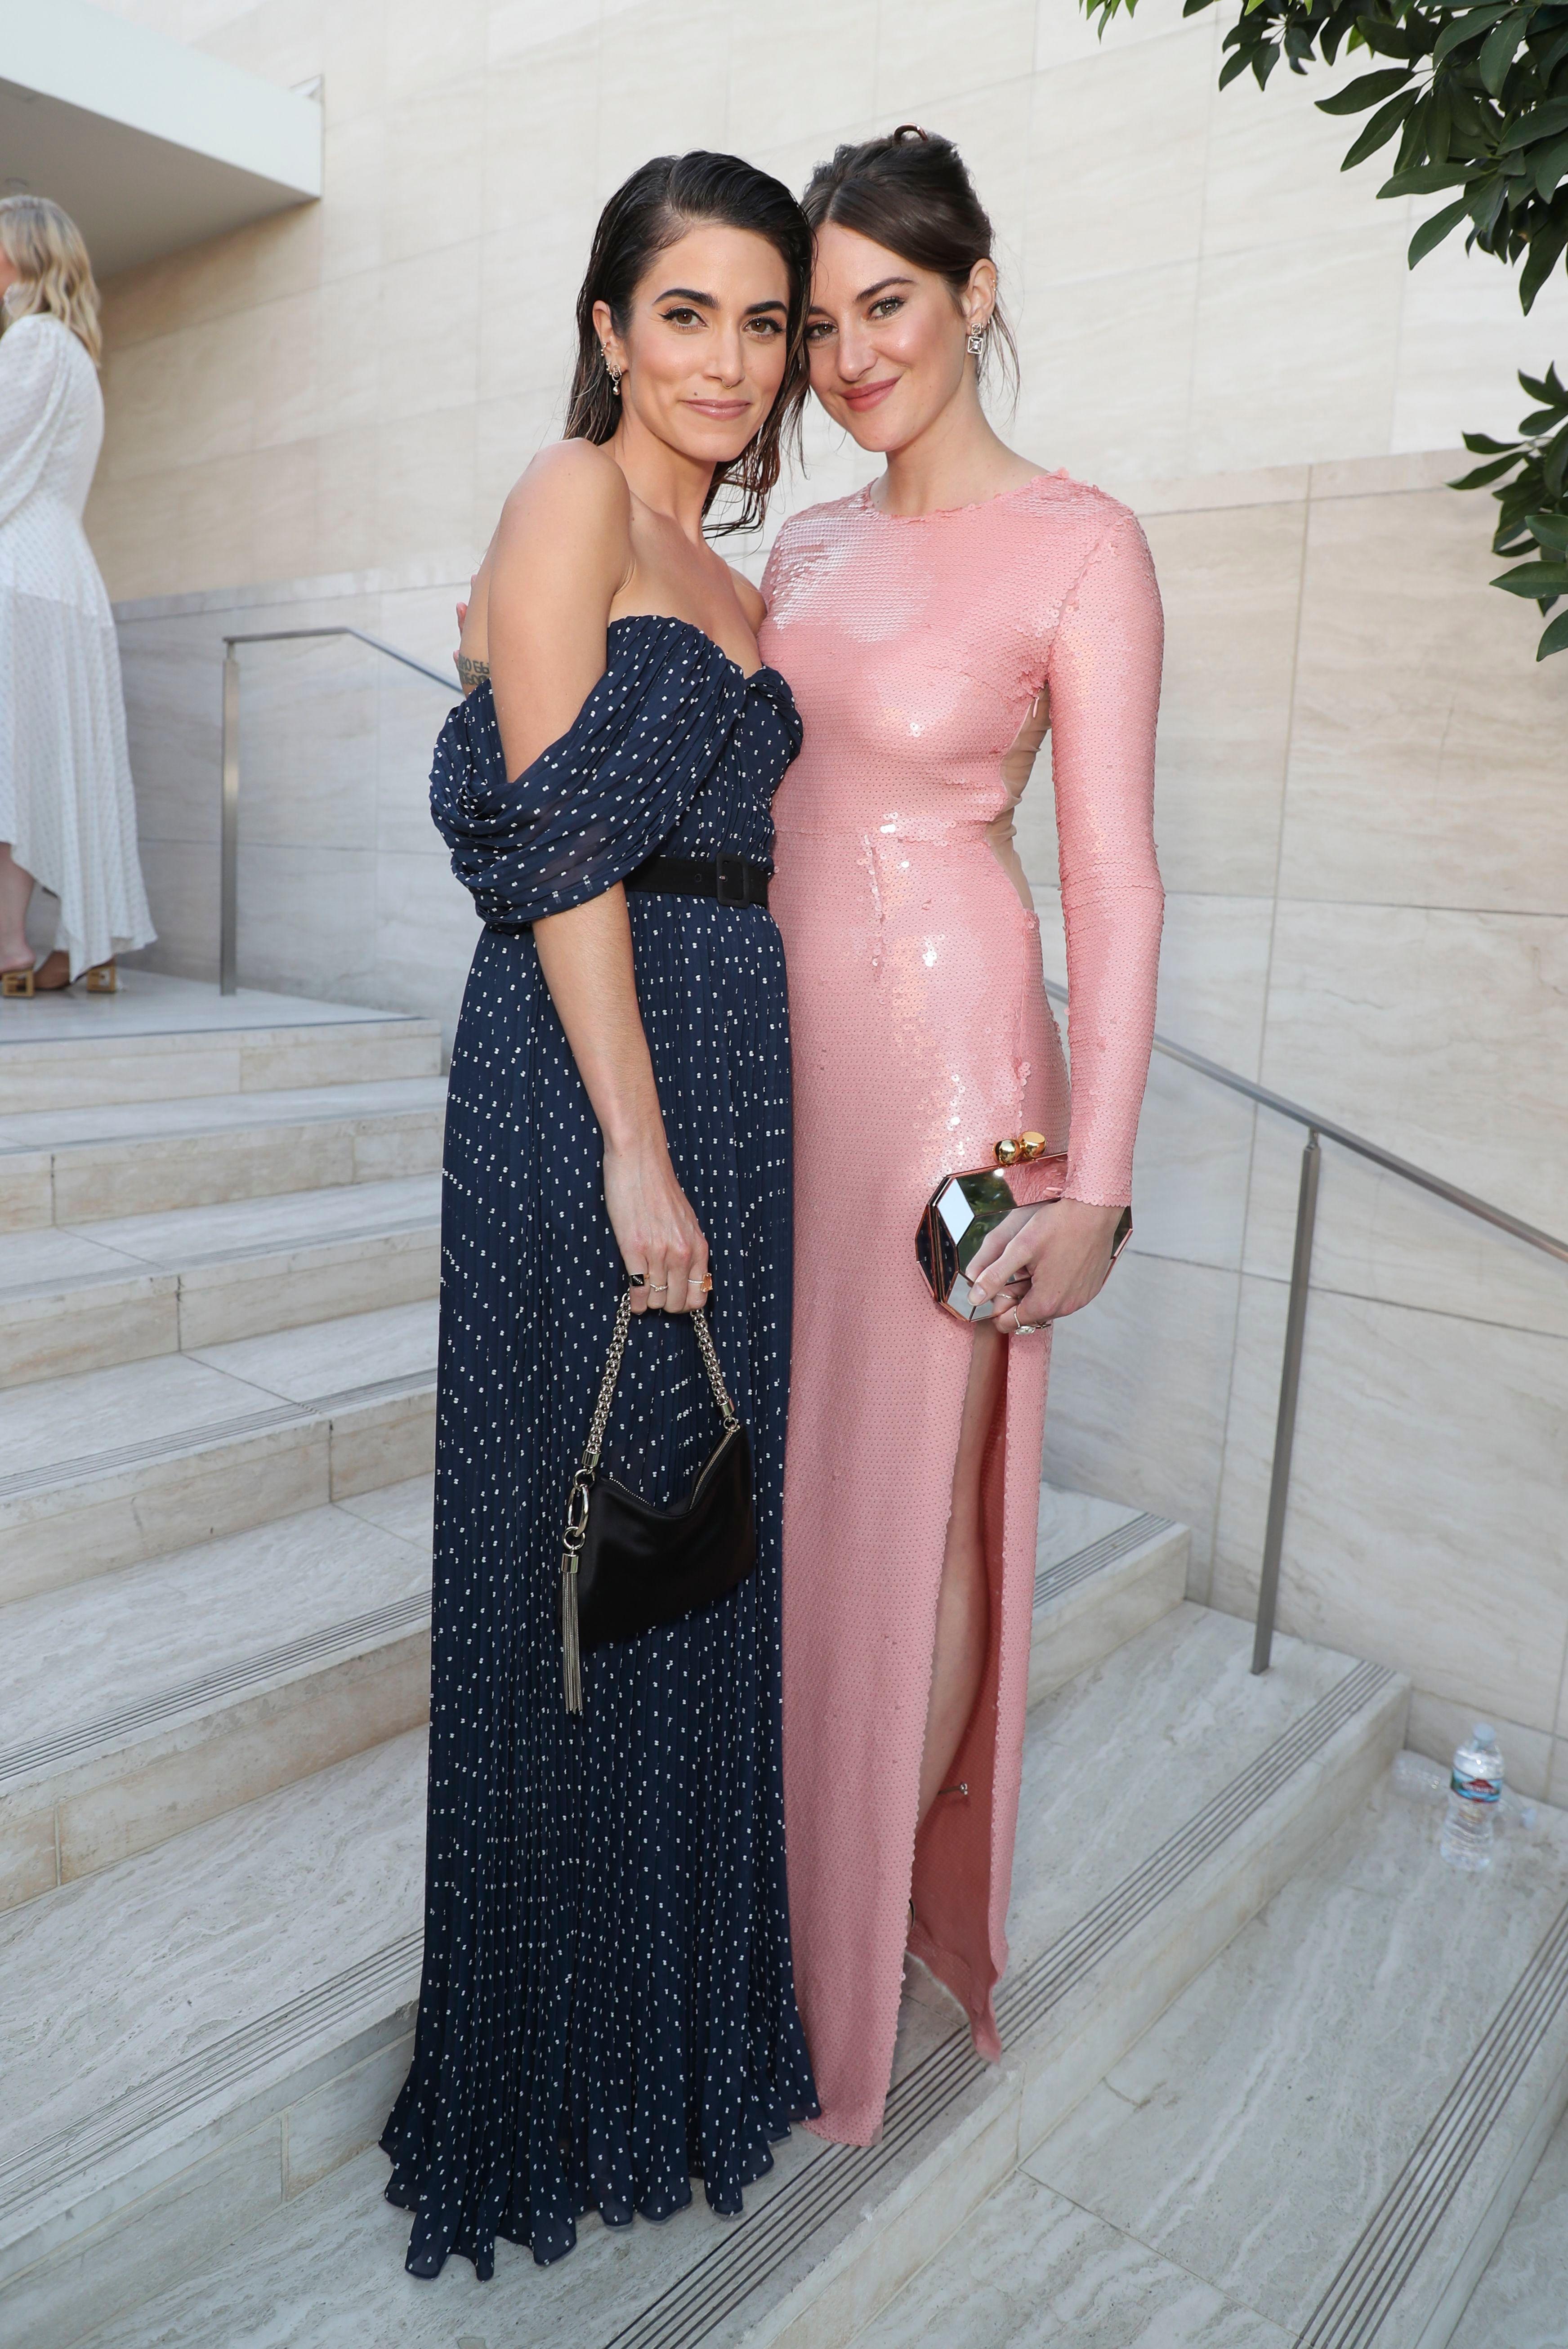 Nikki Reed and Shailene Woodley